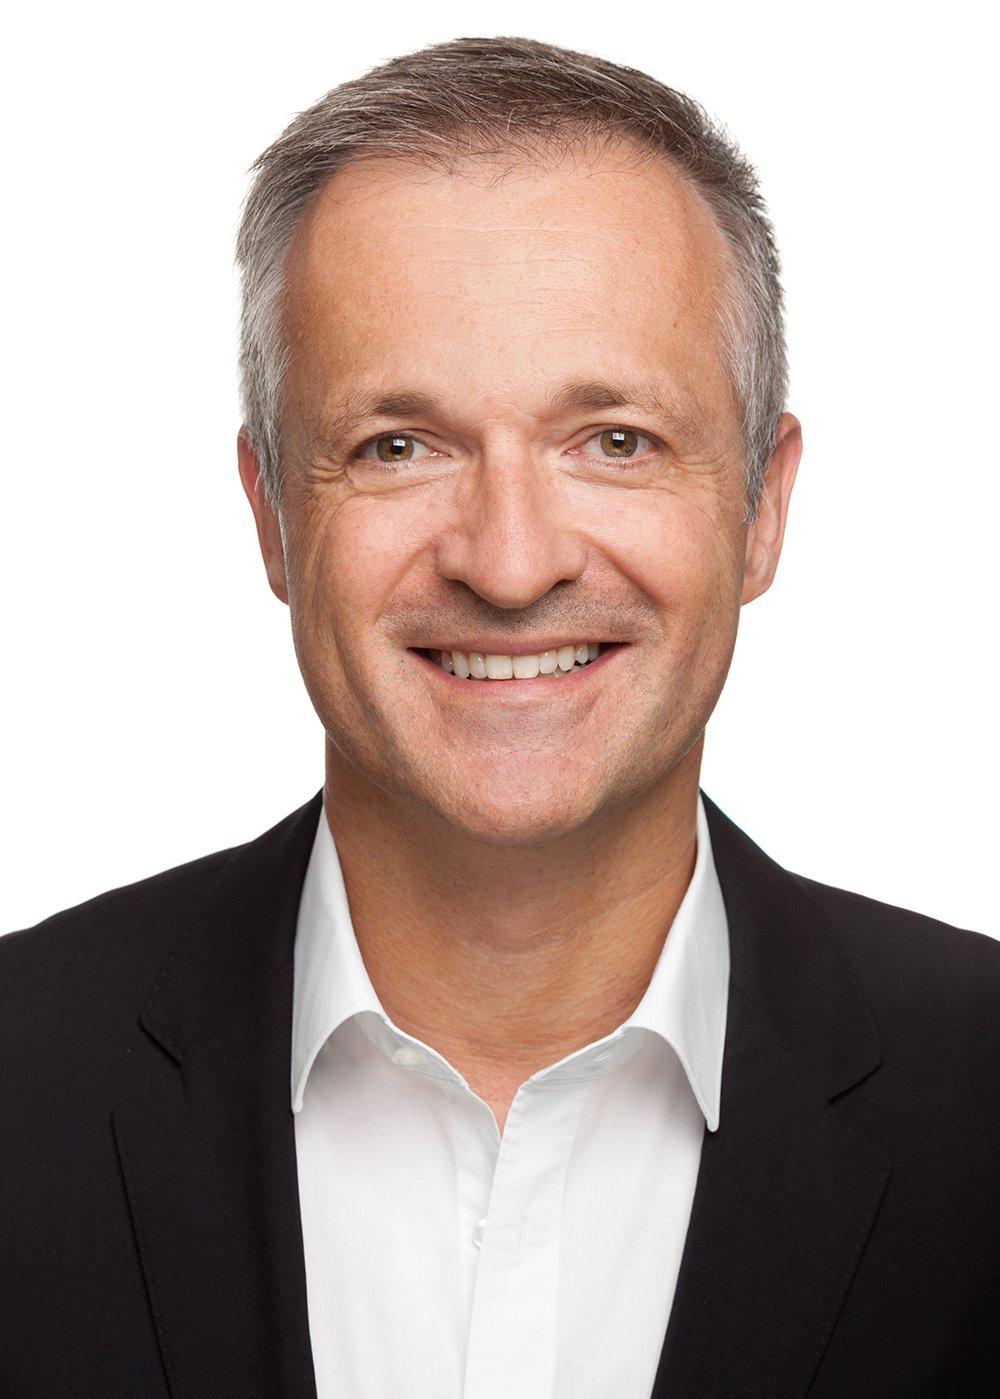 Marcus Schmitt CEO COPYTRACK Director CONCENSUM 2